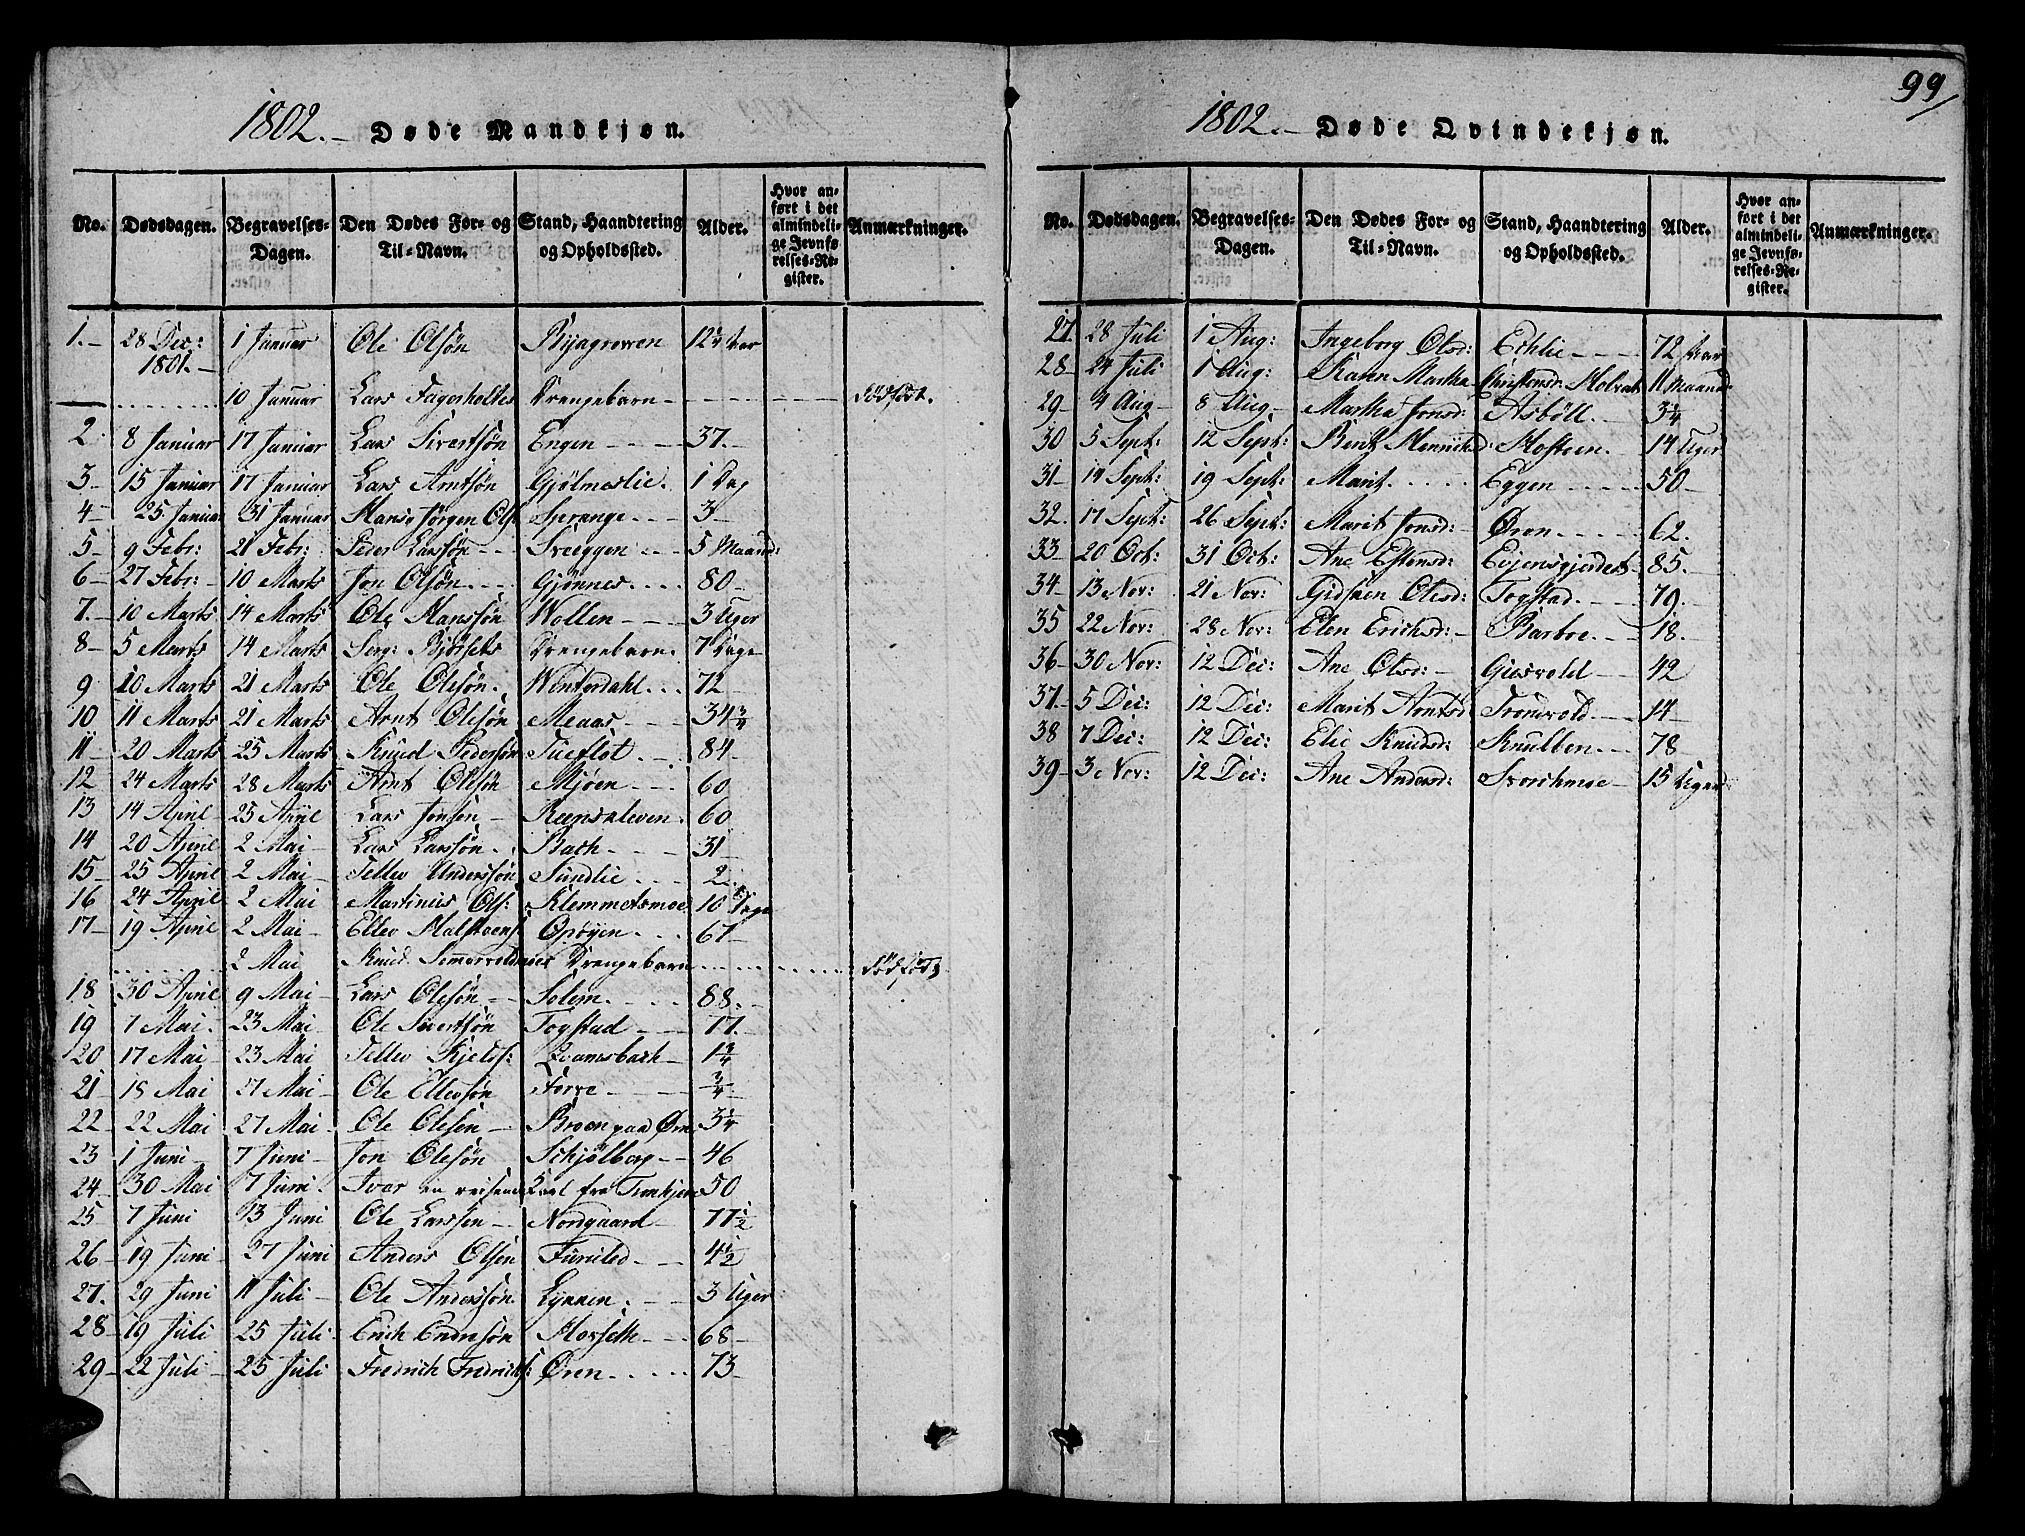 SAT, Ministerialprotokoller, klokkerbøker og fødselsregistre - Sør-Trøndelag, 668/L0803: Ministerialbok nr. 668A03, 1800-1826, s. 99